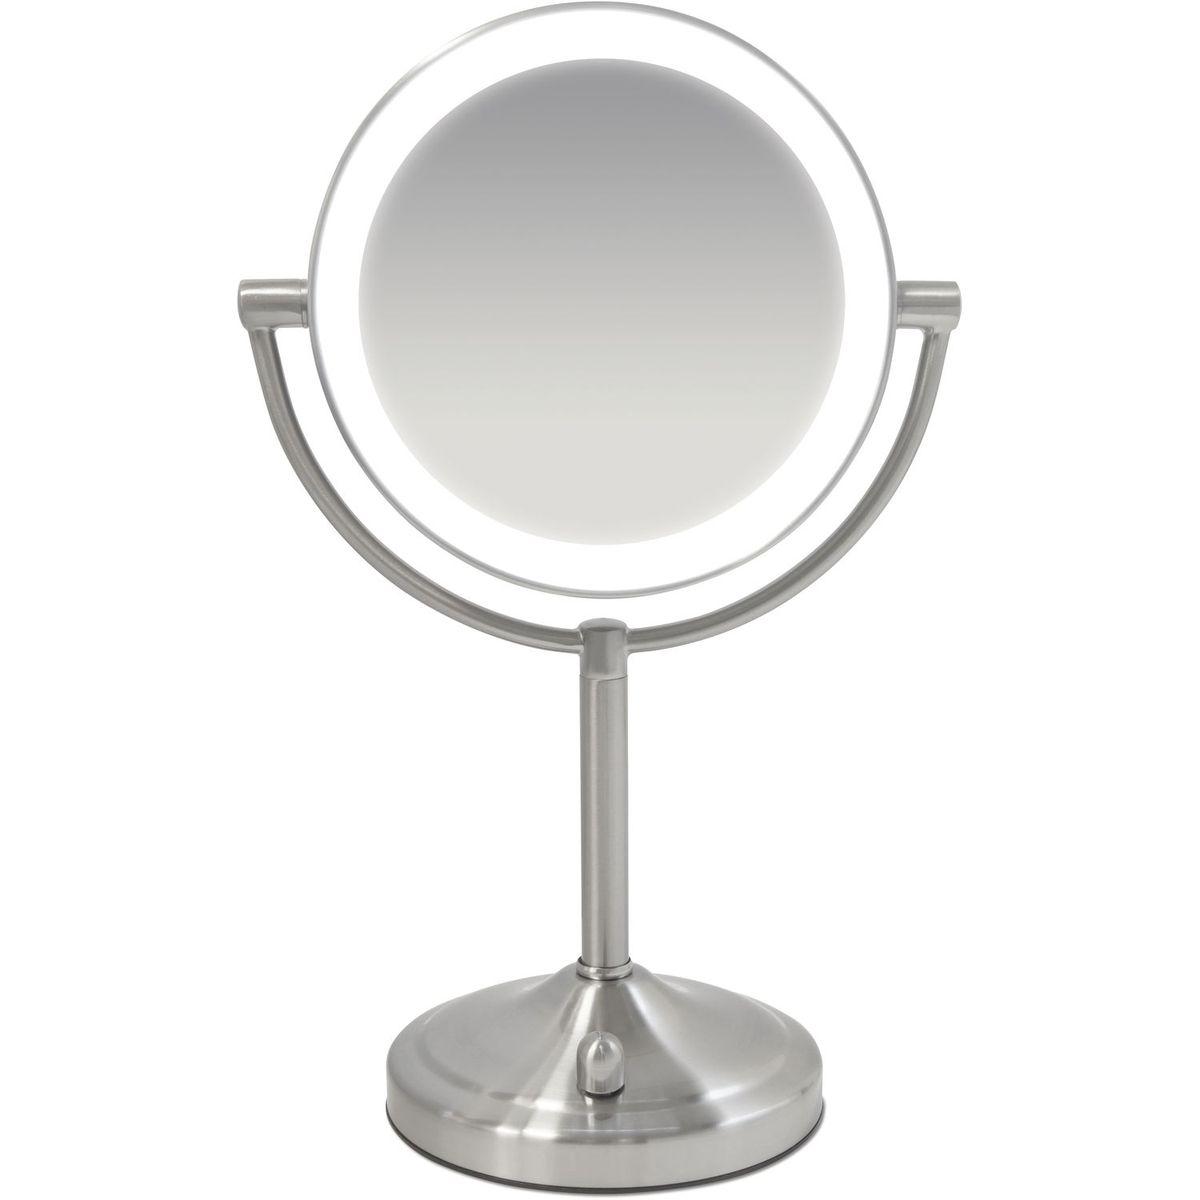 Miroir lumineux grossissant - HMMIR8160 - Gris